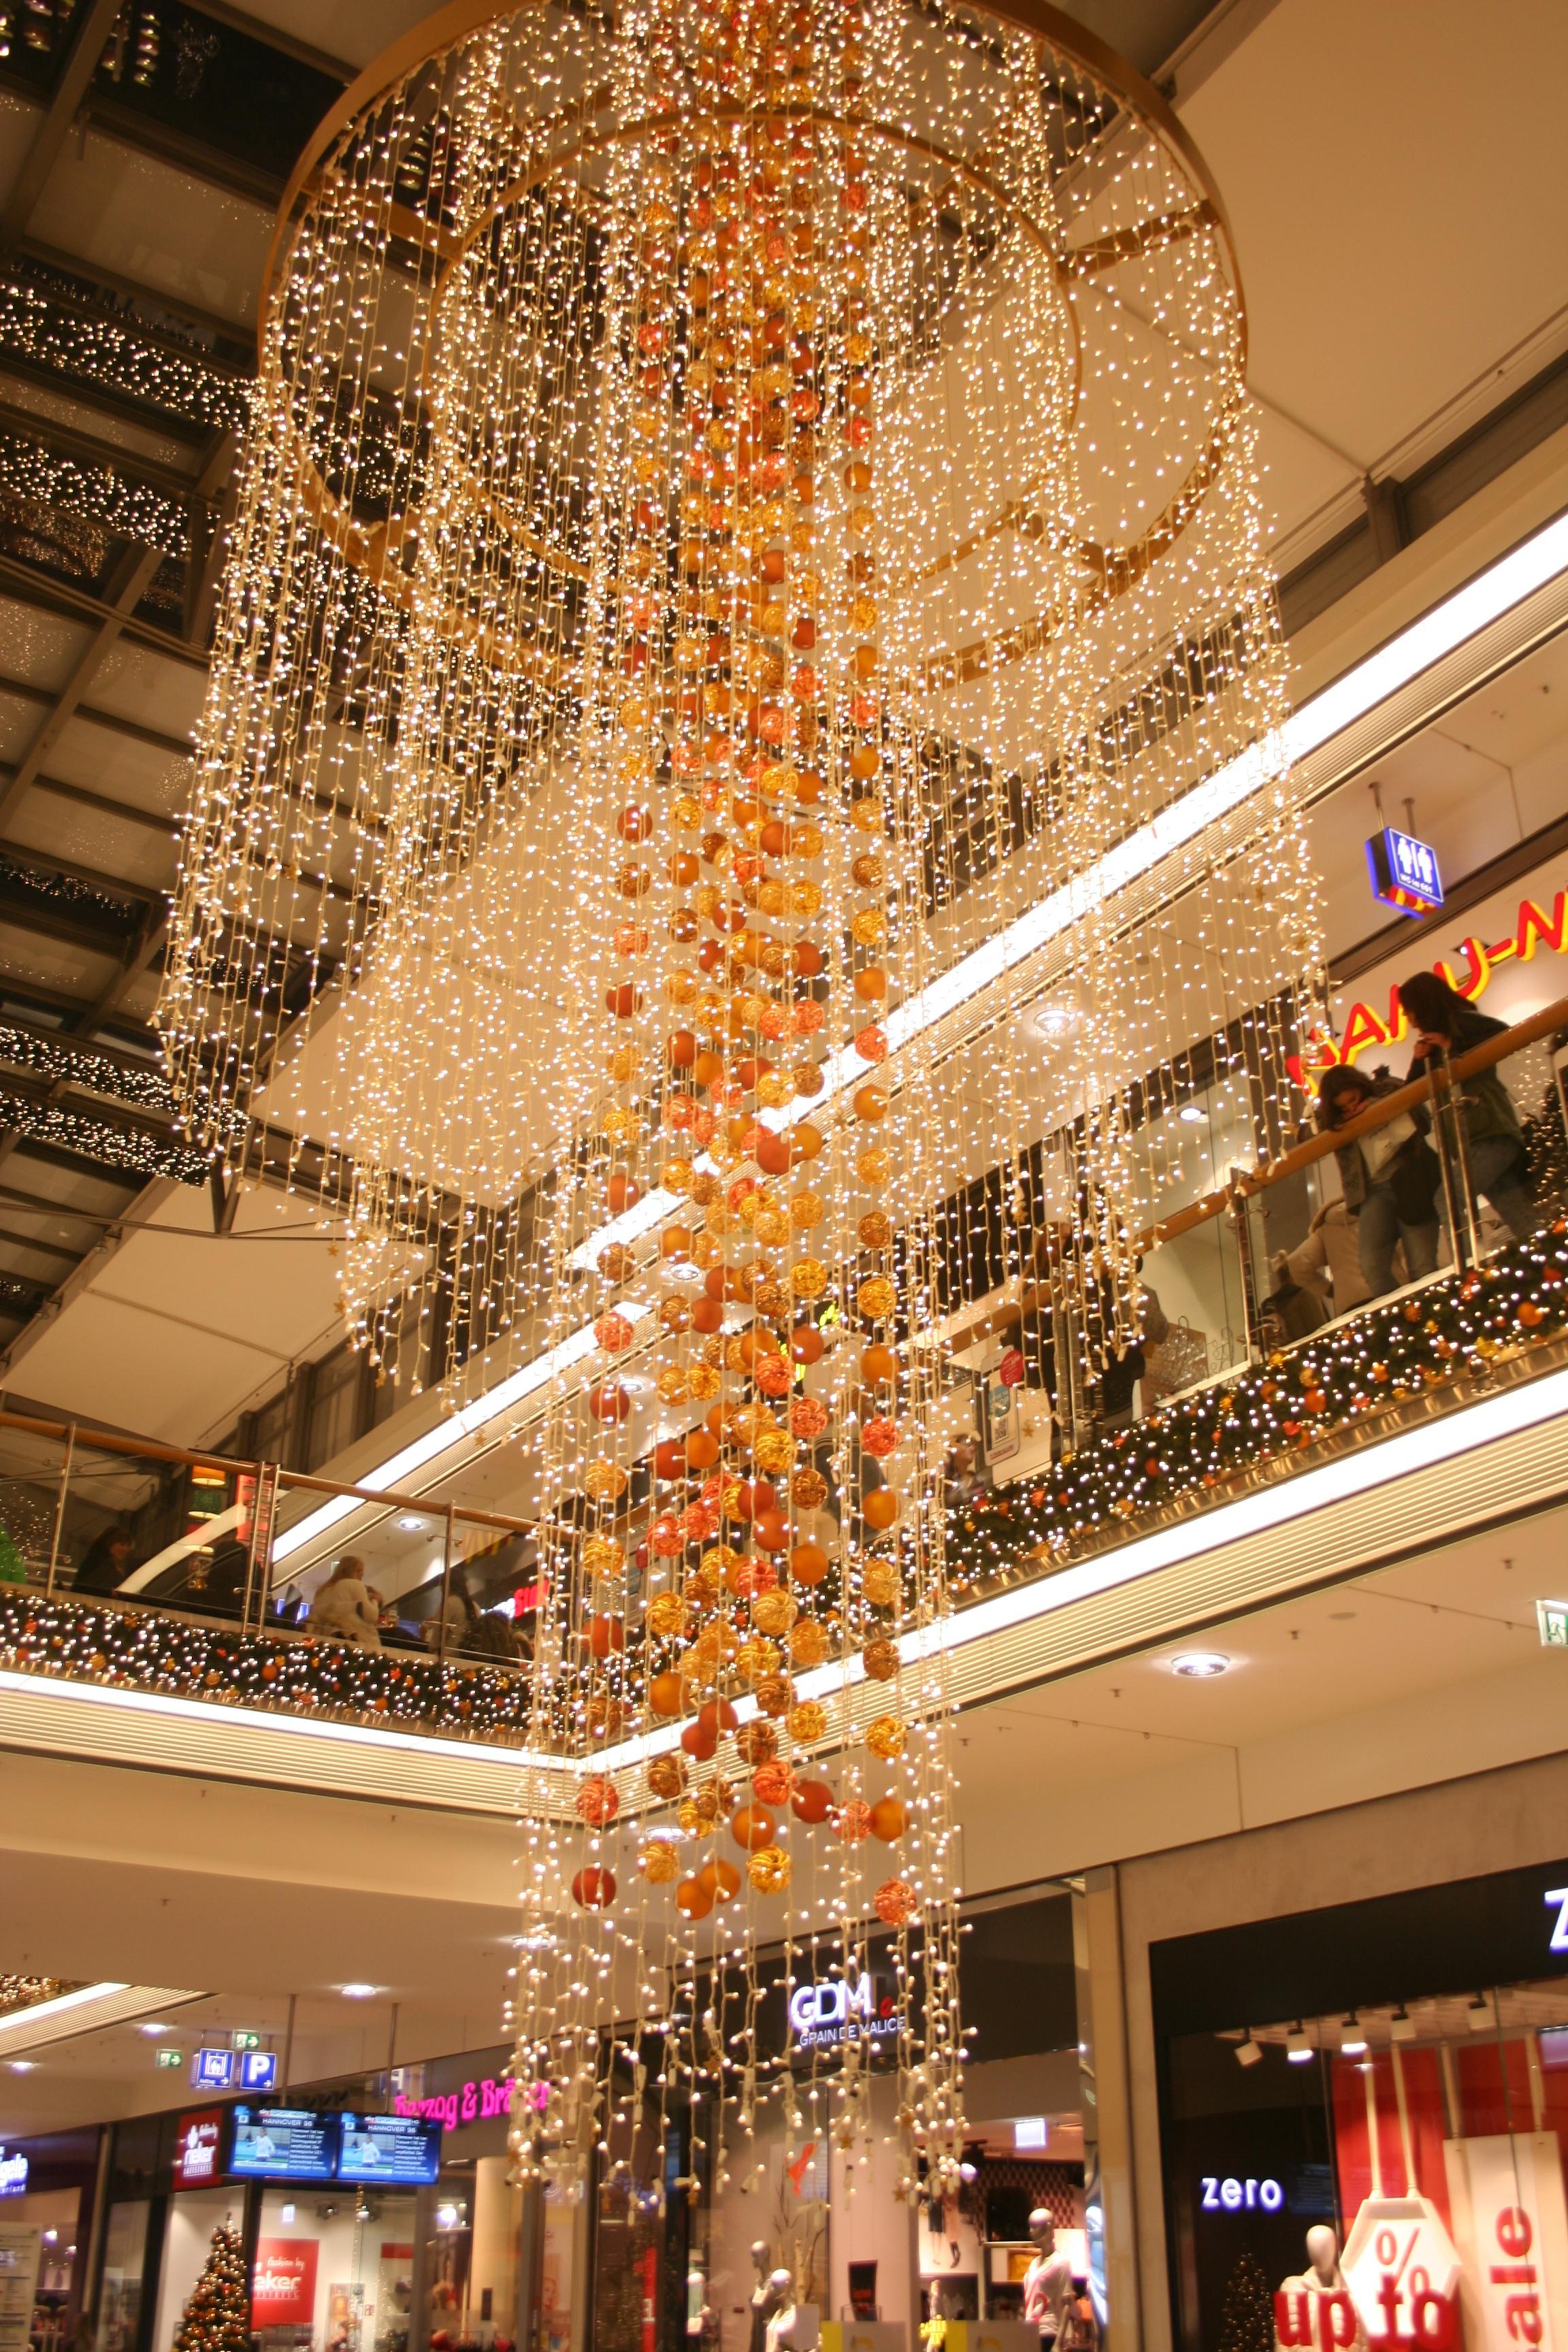 ligero centro de la ciudad decoracin fiesta compras navidad iluminacin decoracin rbol de navidad diseo de